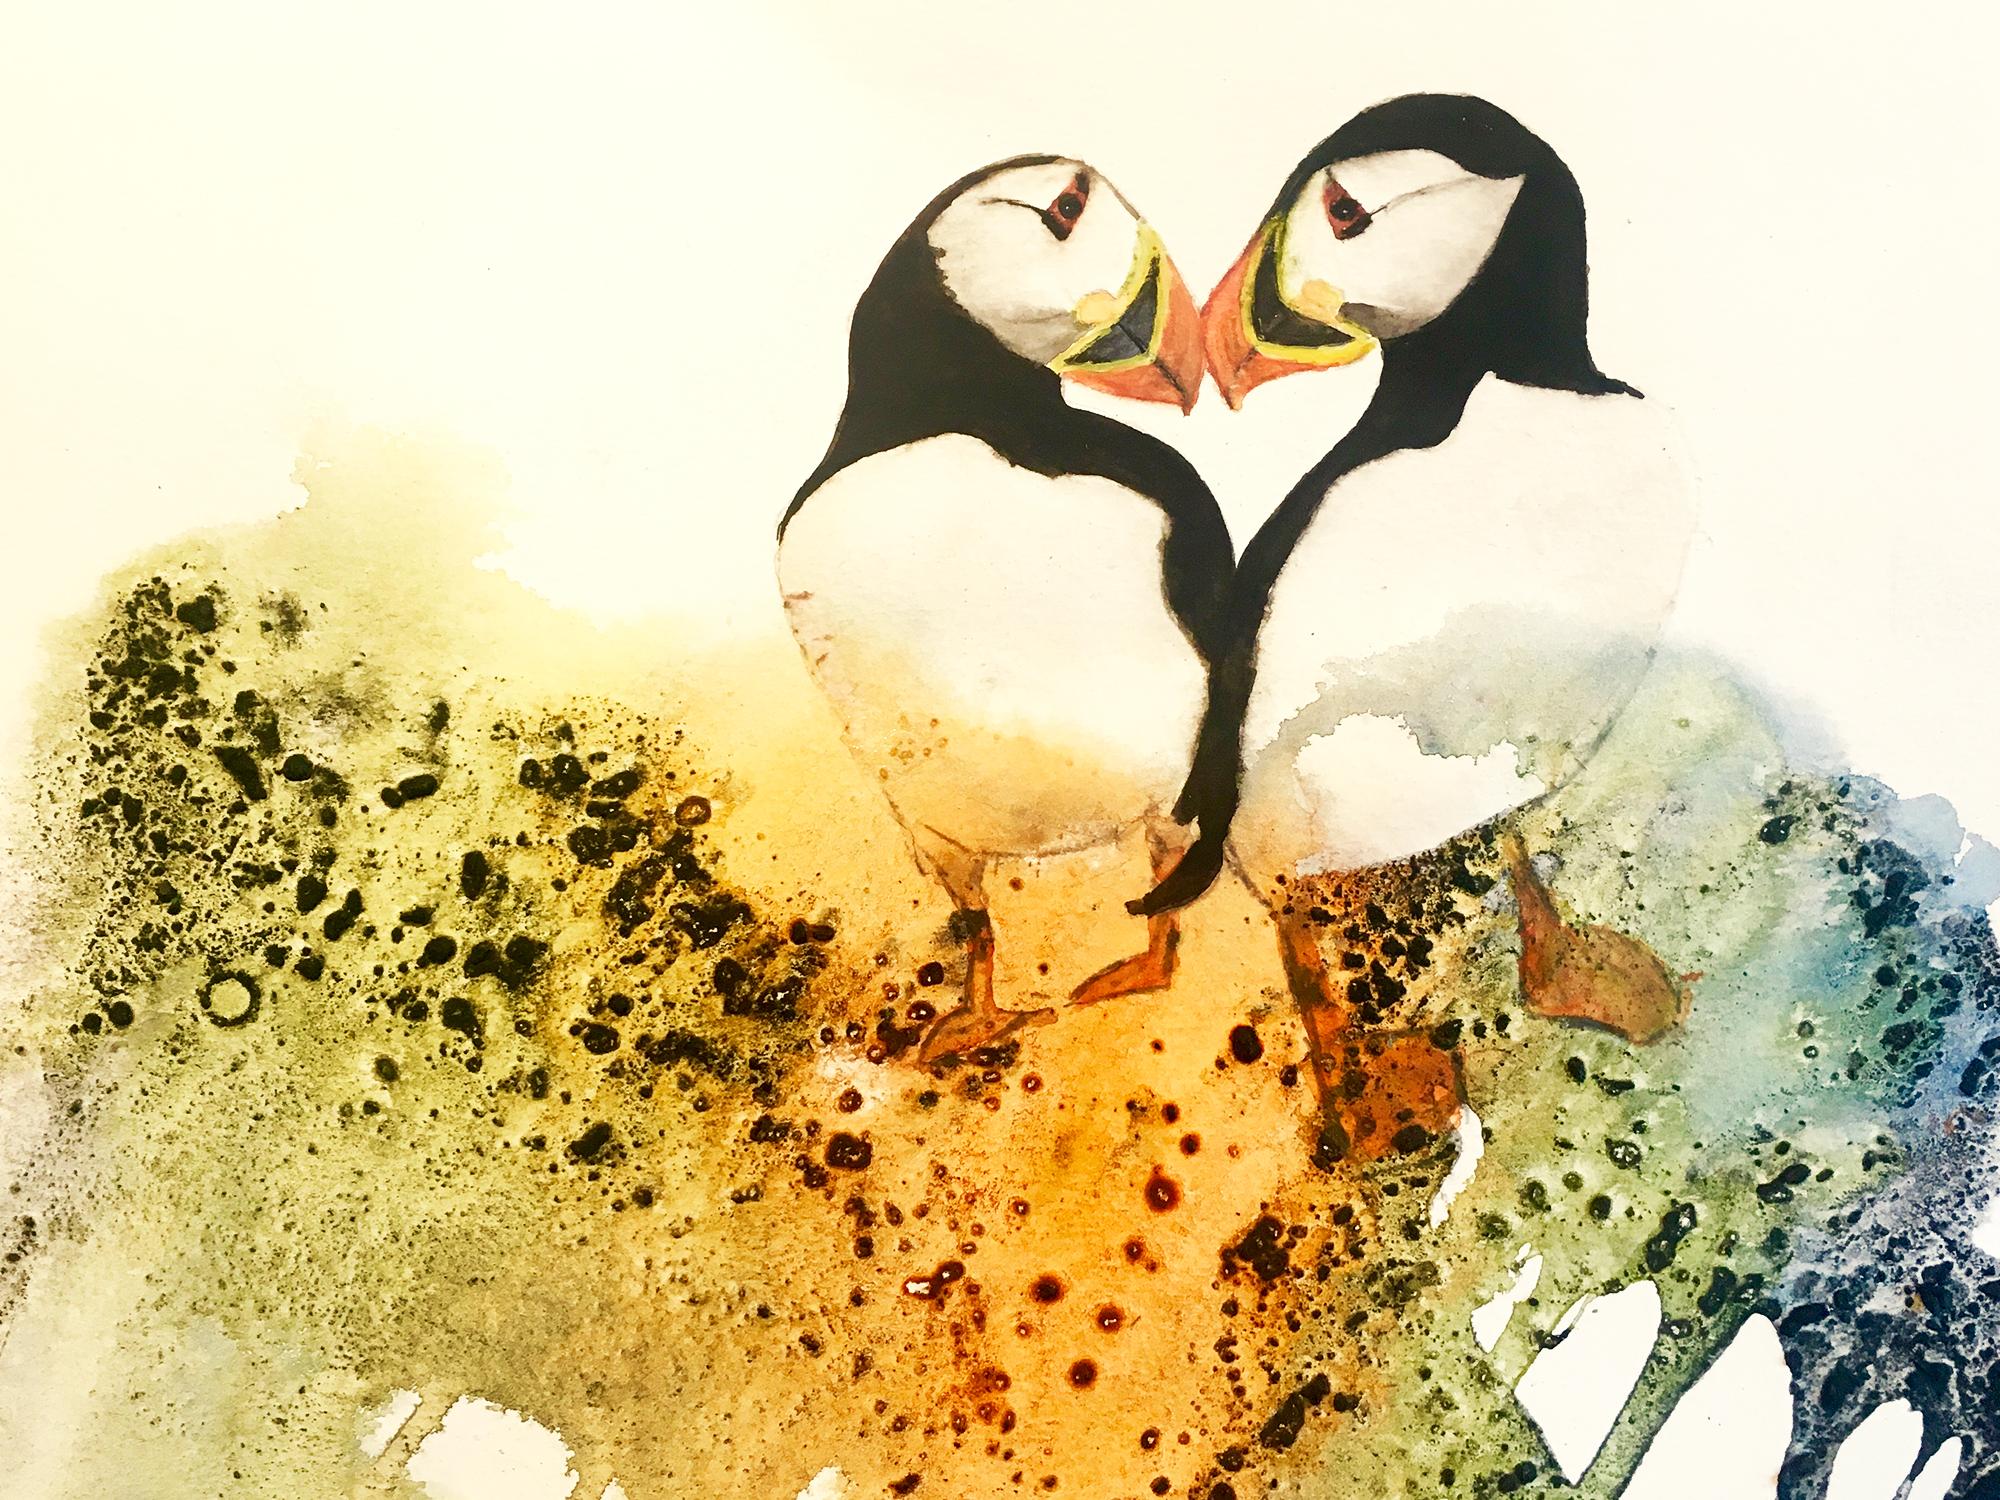 Akvarel på baggrund af kul og lim, indrammet 50x70 cm